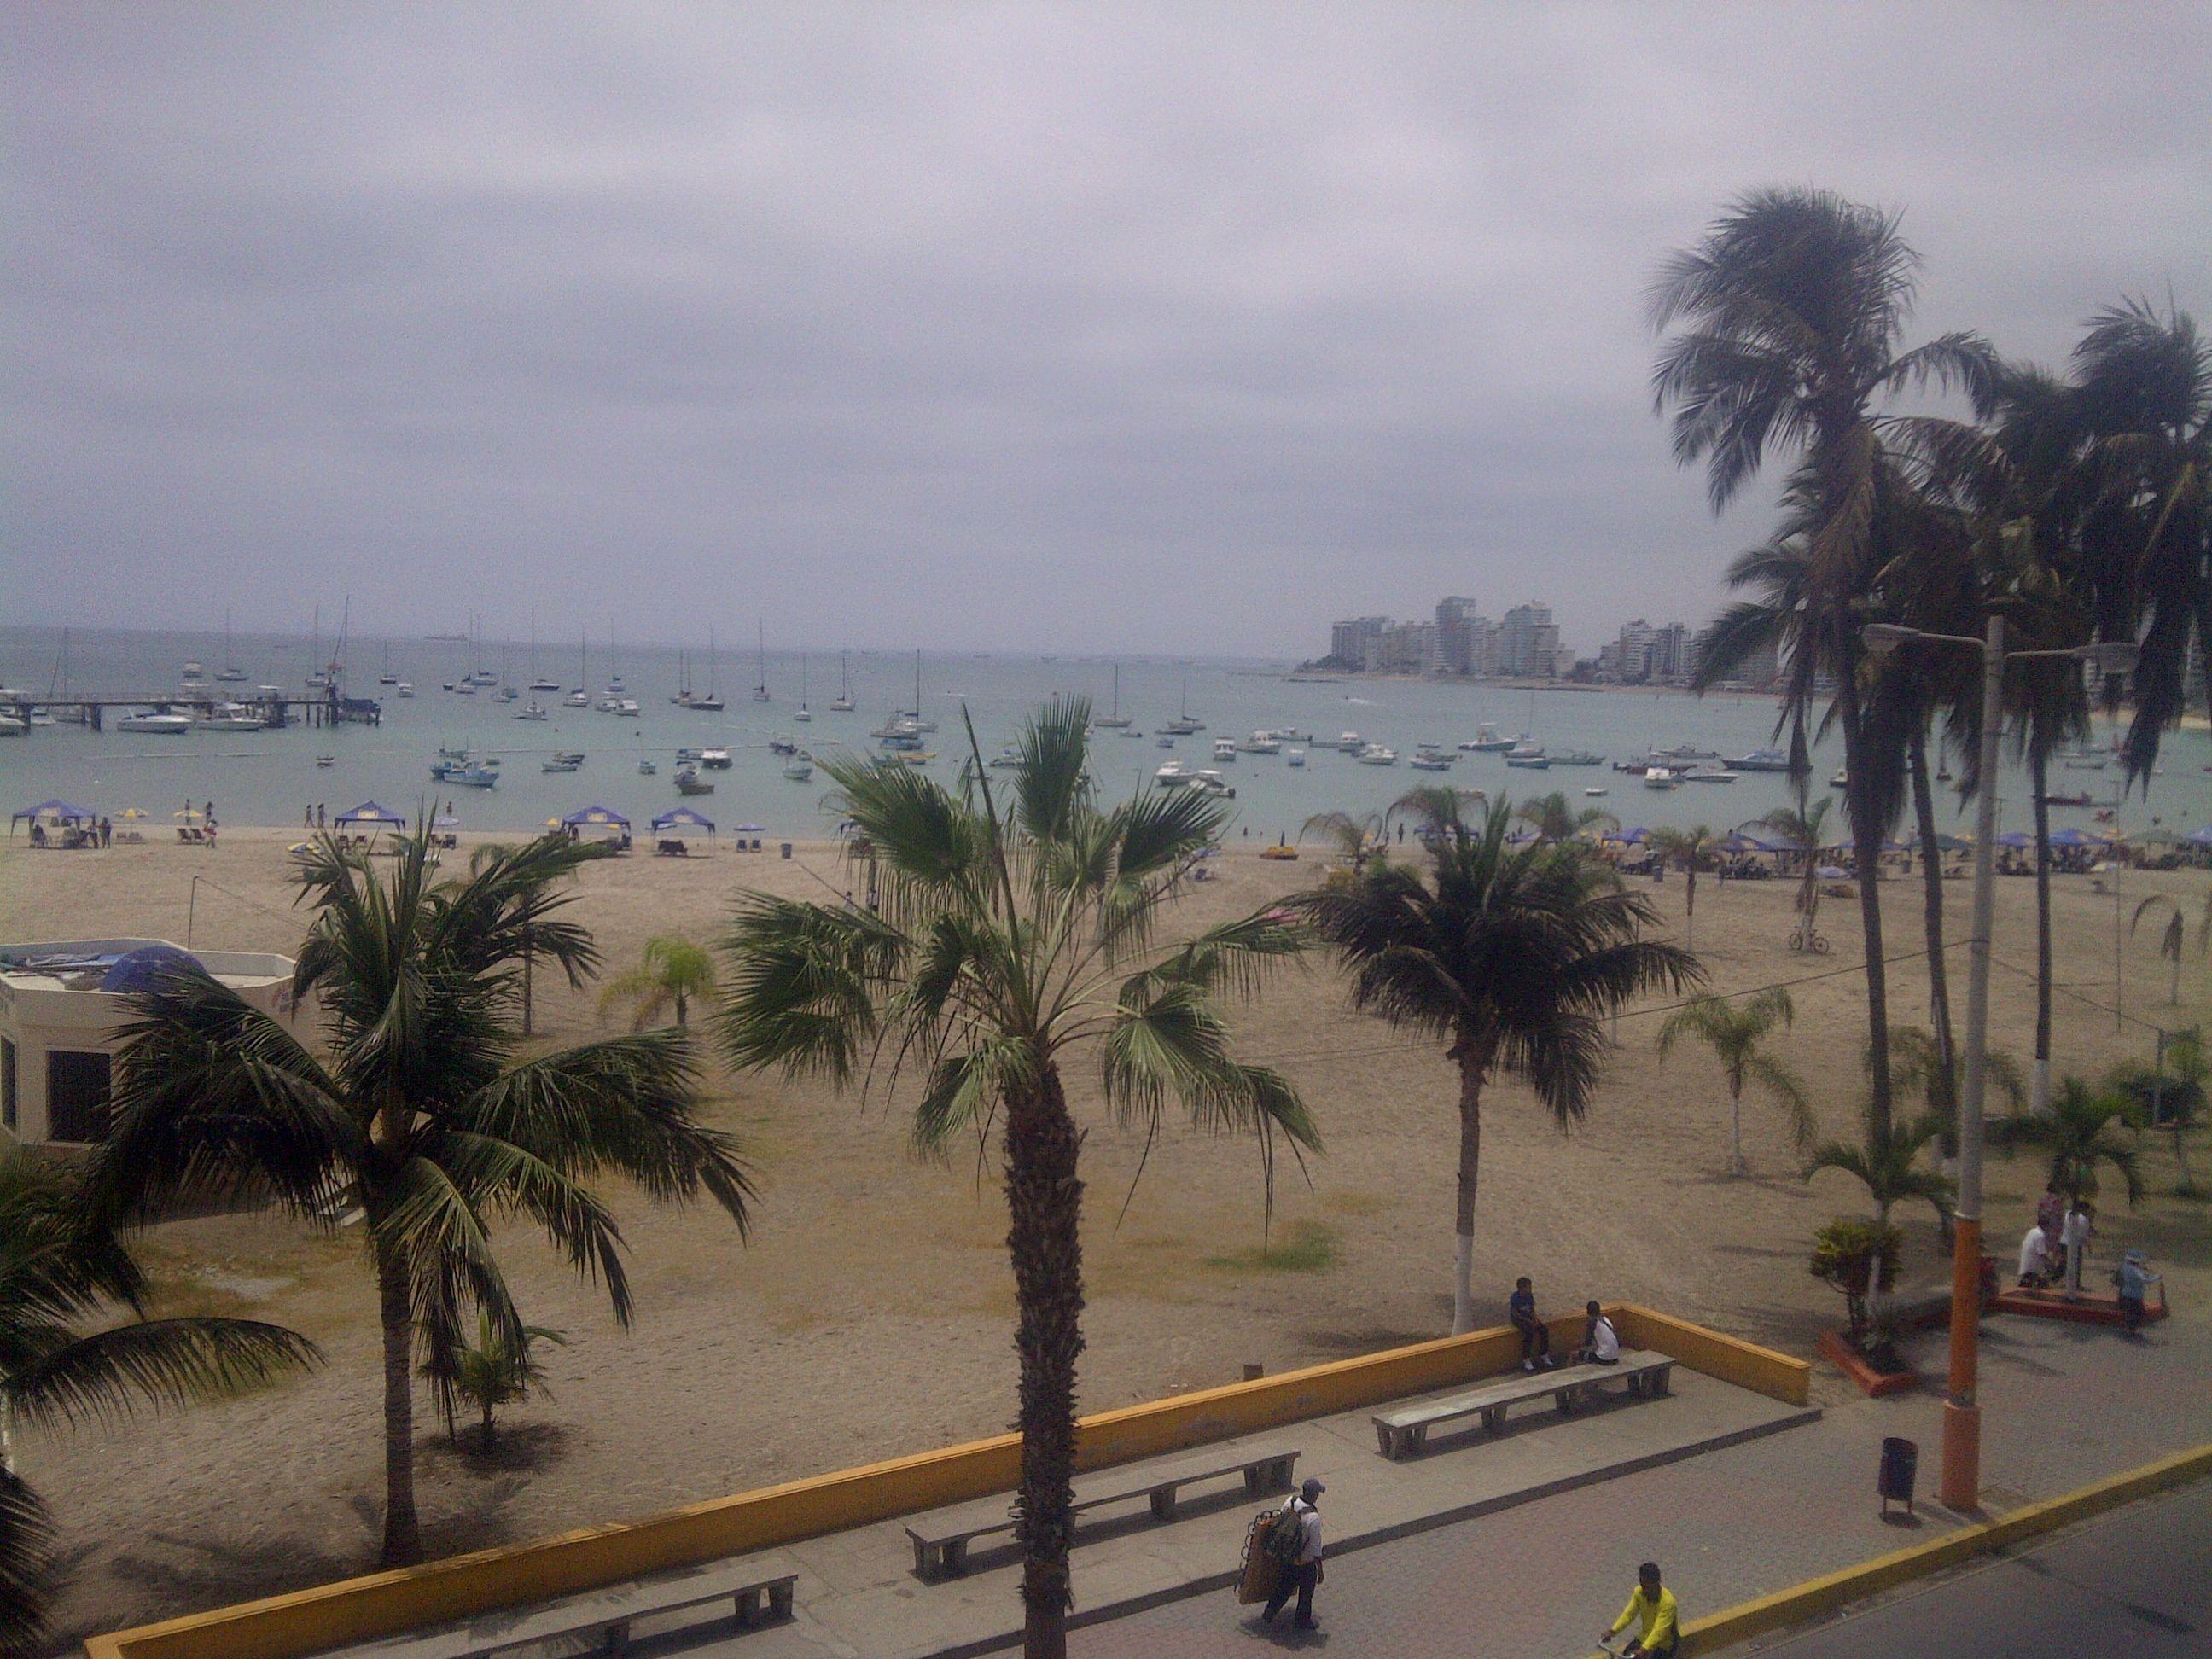 Playa y Malecoón de Salinas. Vista desde Hotel Francisco II